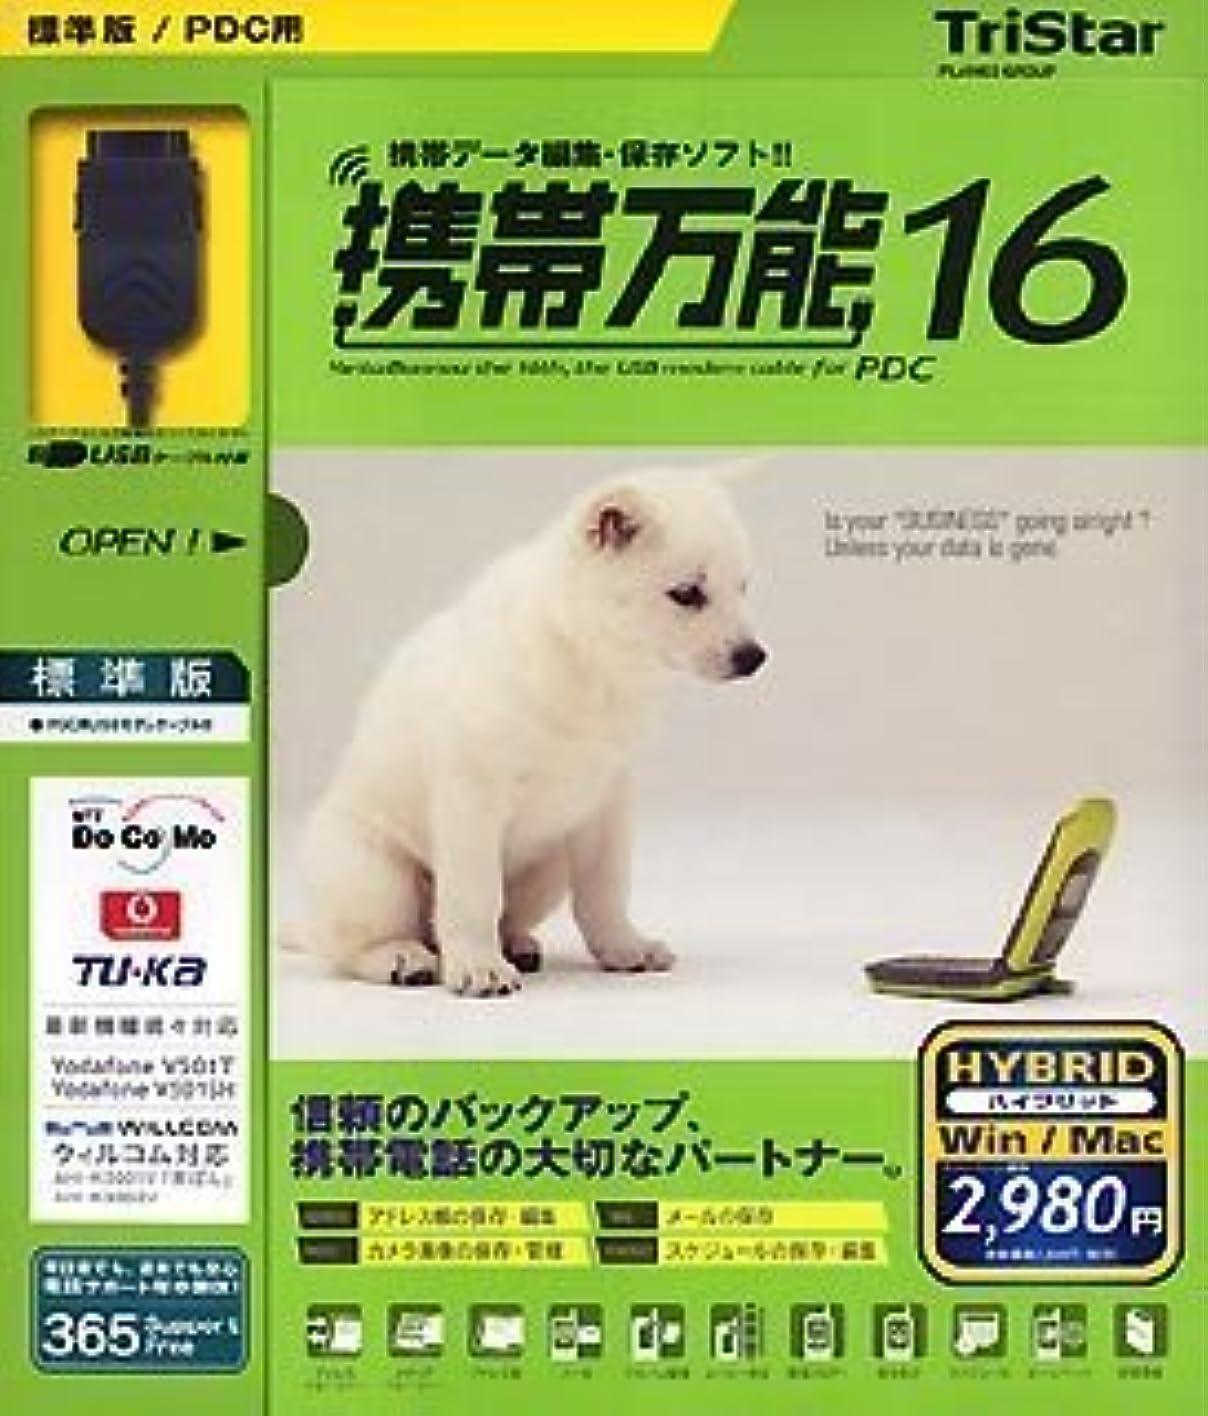 携帯万能16 PDC用標準版 [HYBRID]